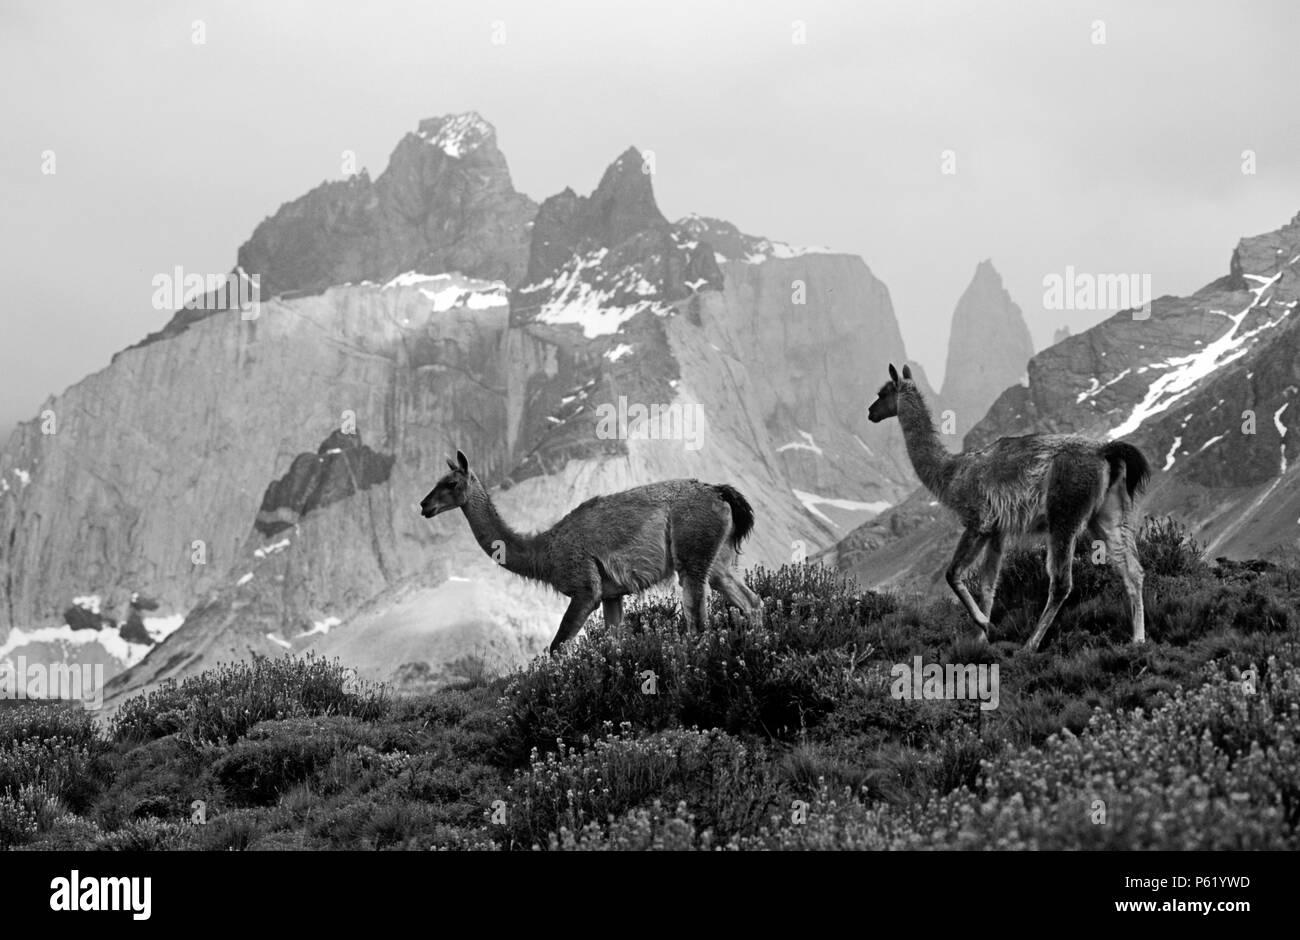 Troupeau de guanacos (Lama guanicoe) DANS LE PARC NATIONAL DES TORRES DEL PAINE avec ANDES PEAK derrière - Patagonie, CHILI Banque D'Images